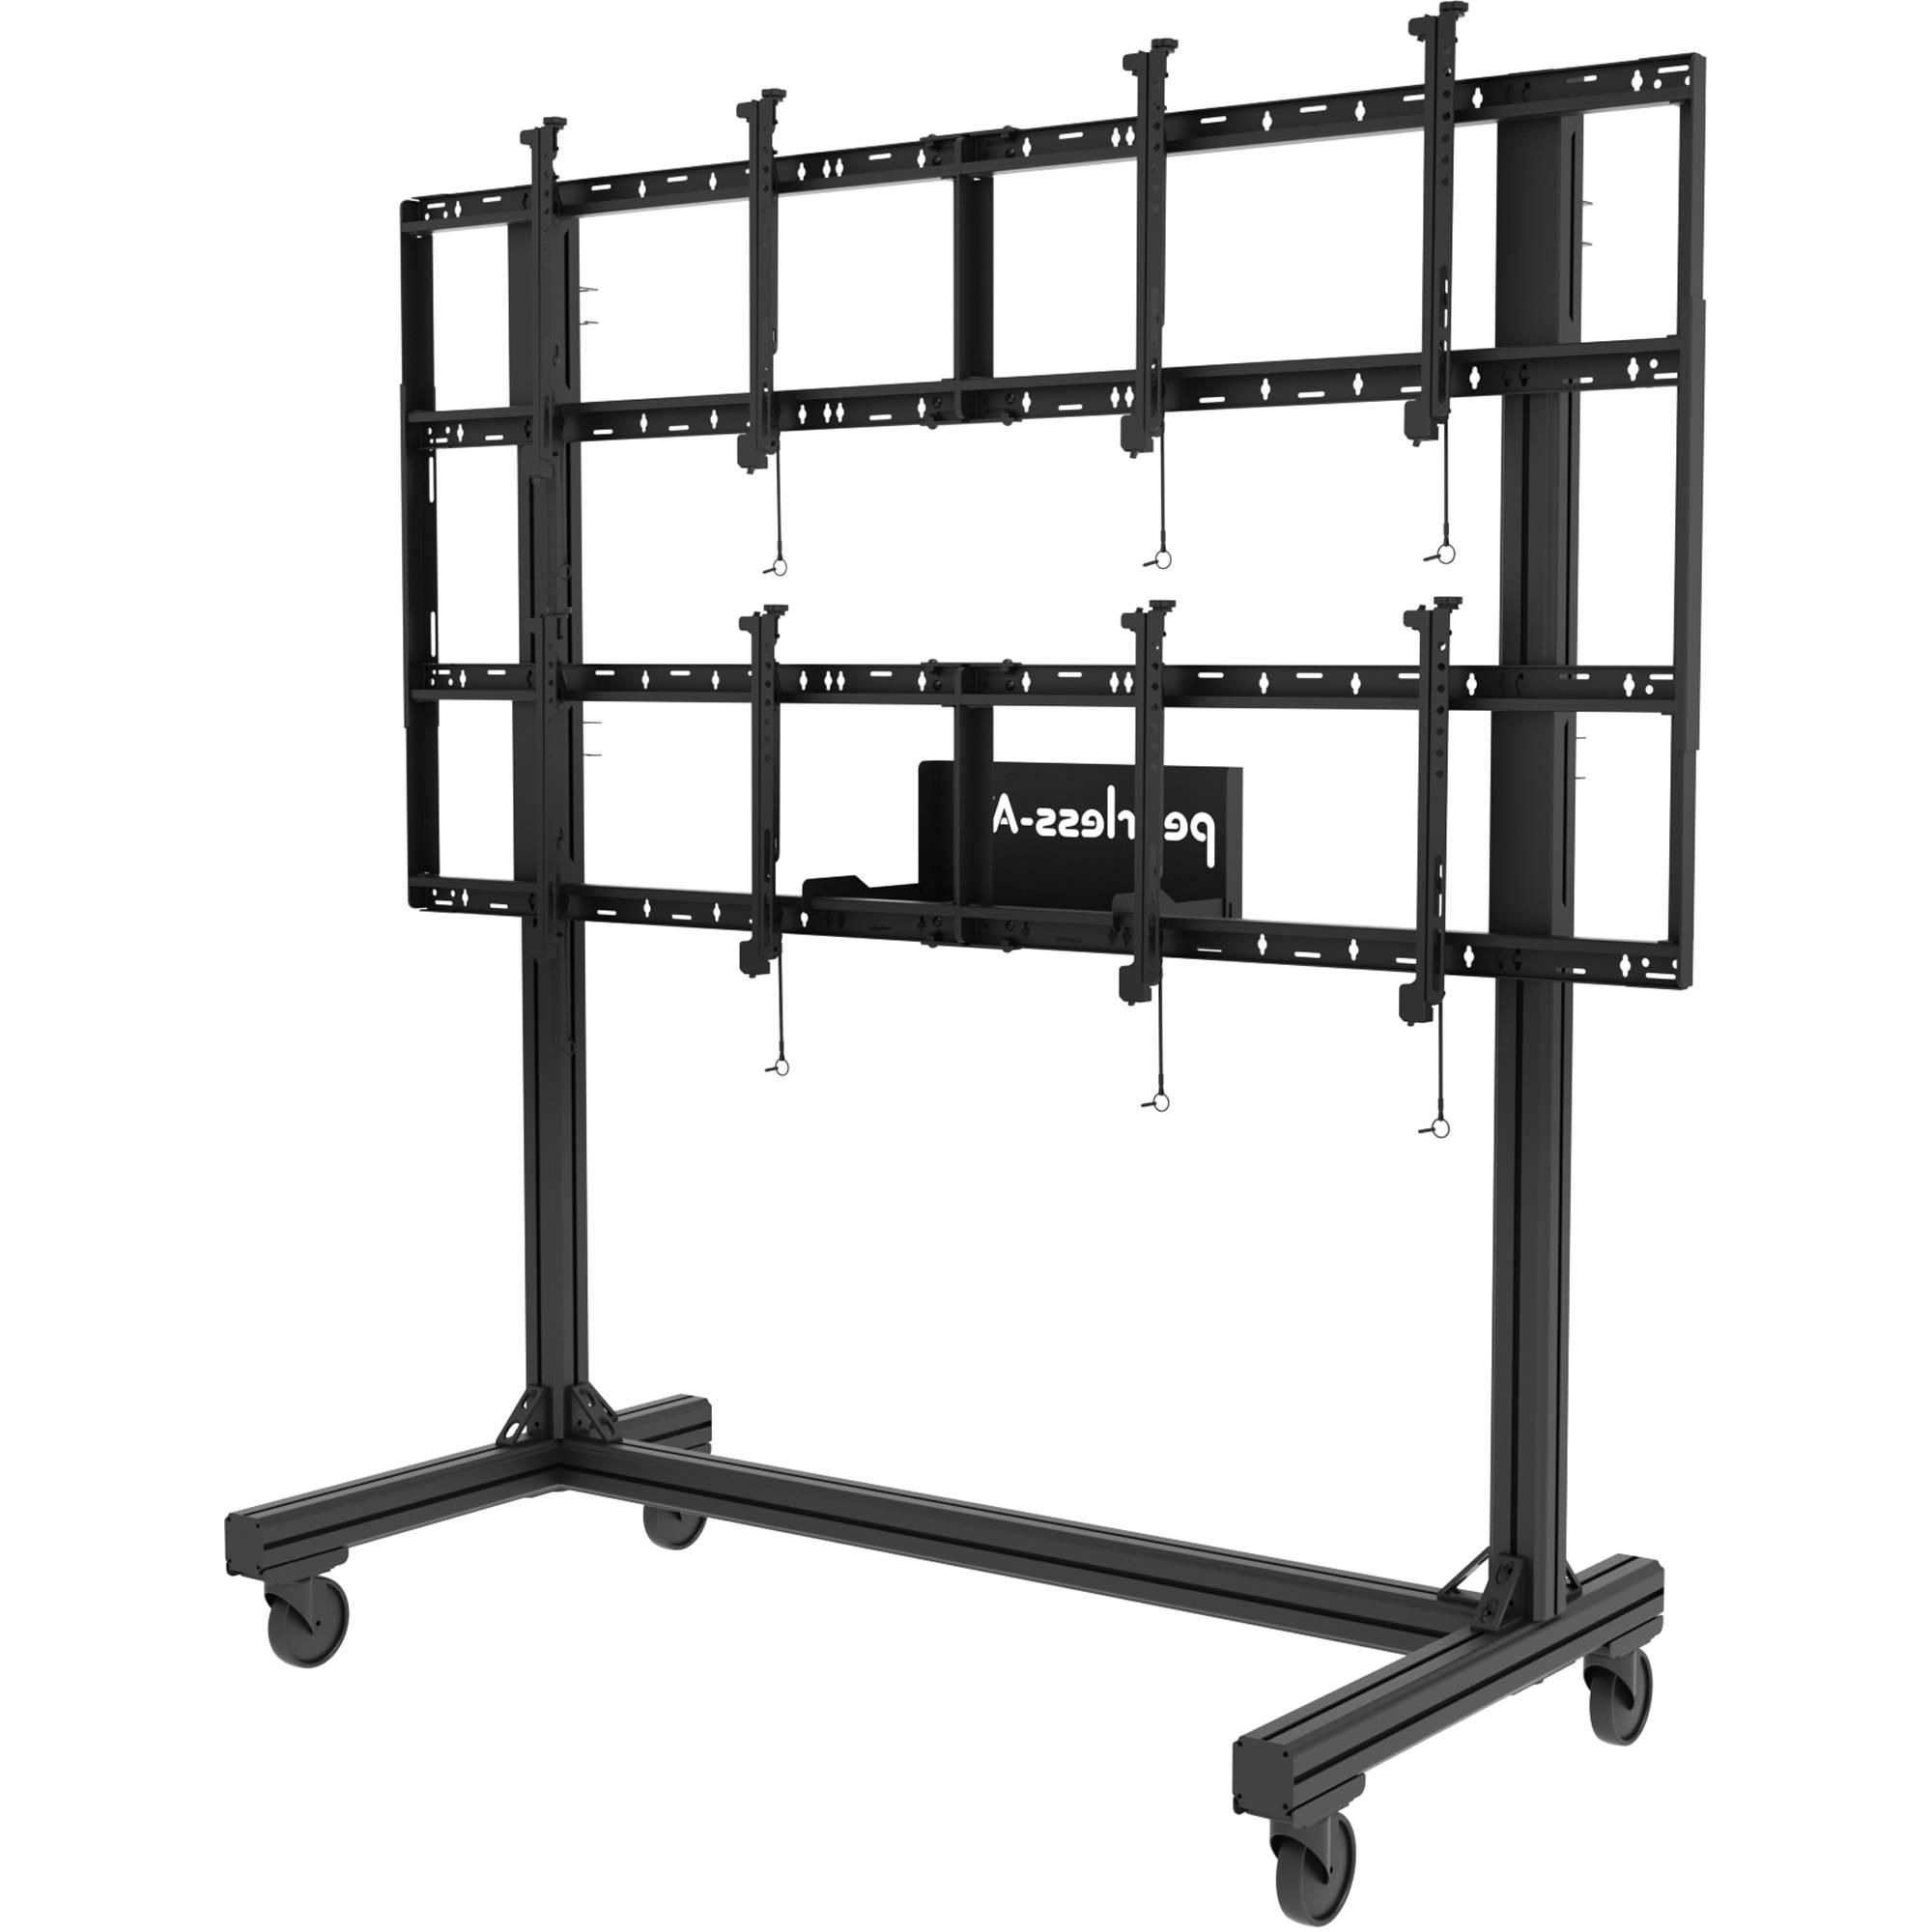 Peerless-AV Portable Video Wall Cart for 46 to 60